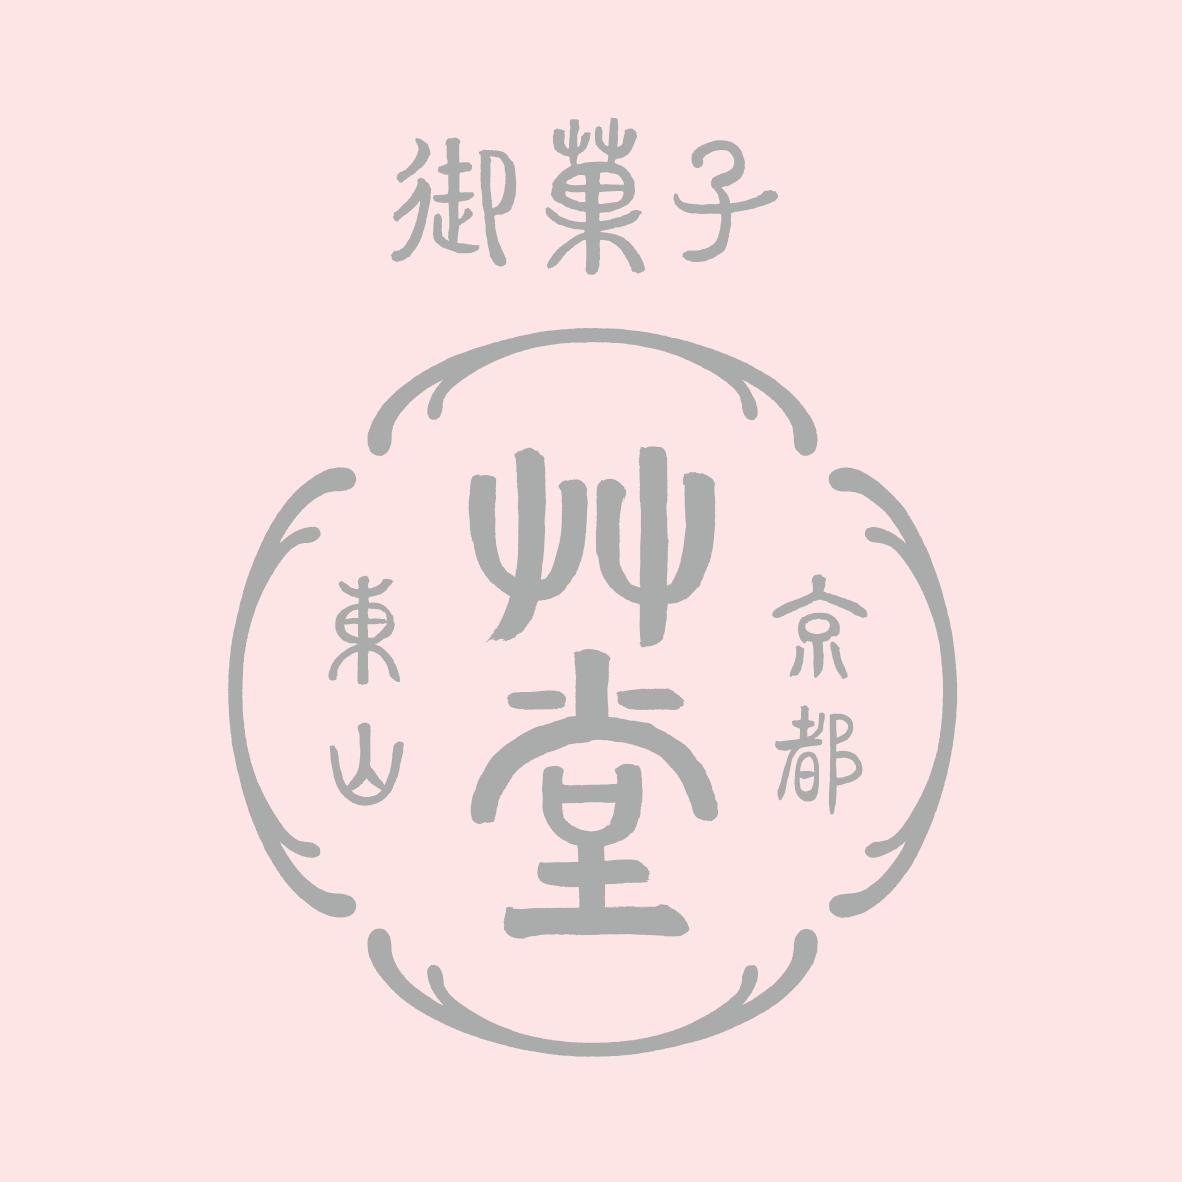 御菓子 艸堂(おかし そうどう)